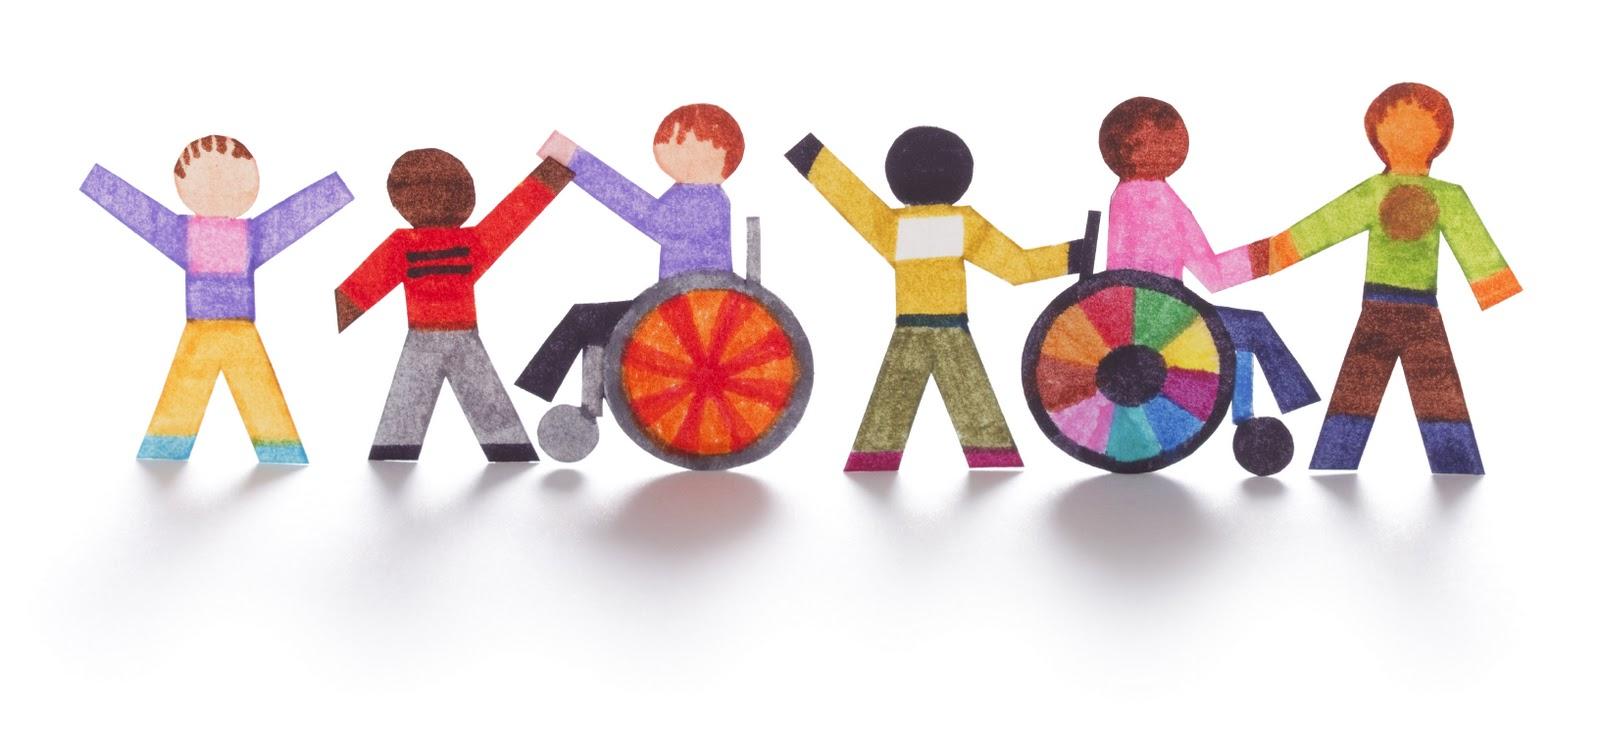 Ειδικοί παιδαγωγοί, ψυχολόγοι, κοινωνικοί λειτουργοί στις ειδικότητες που στελεχώνουν τα Κέντρα Υγεία